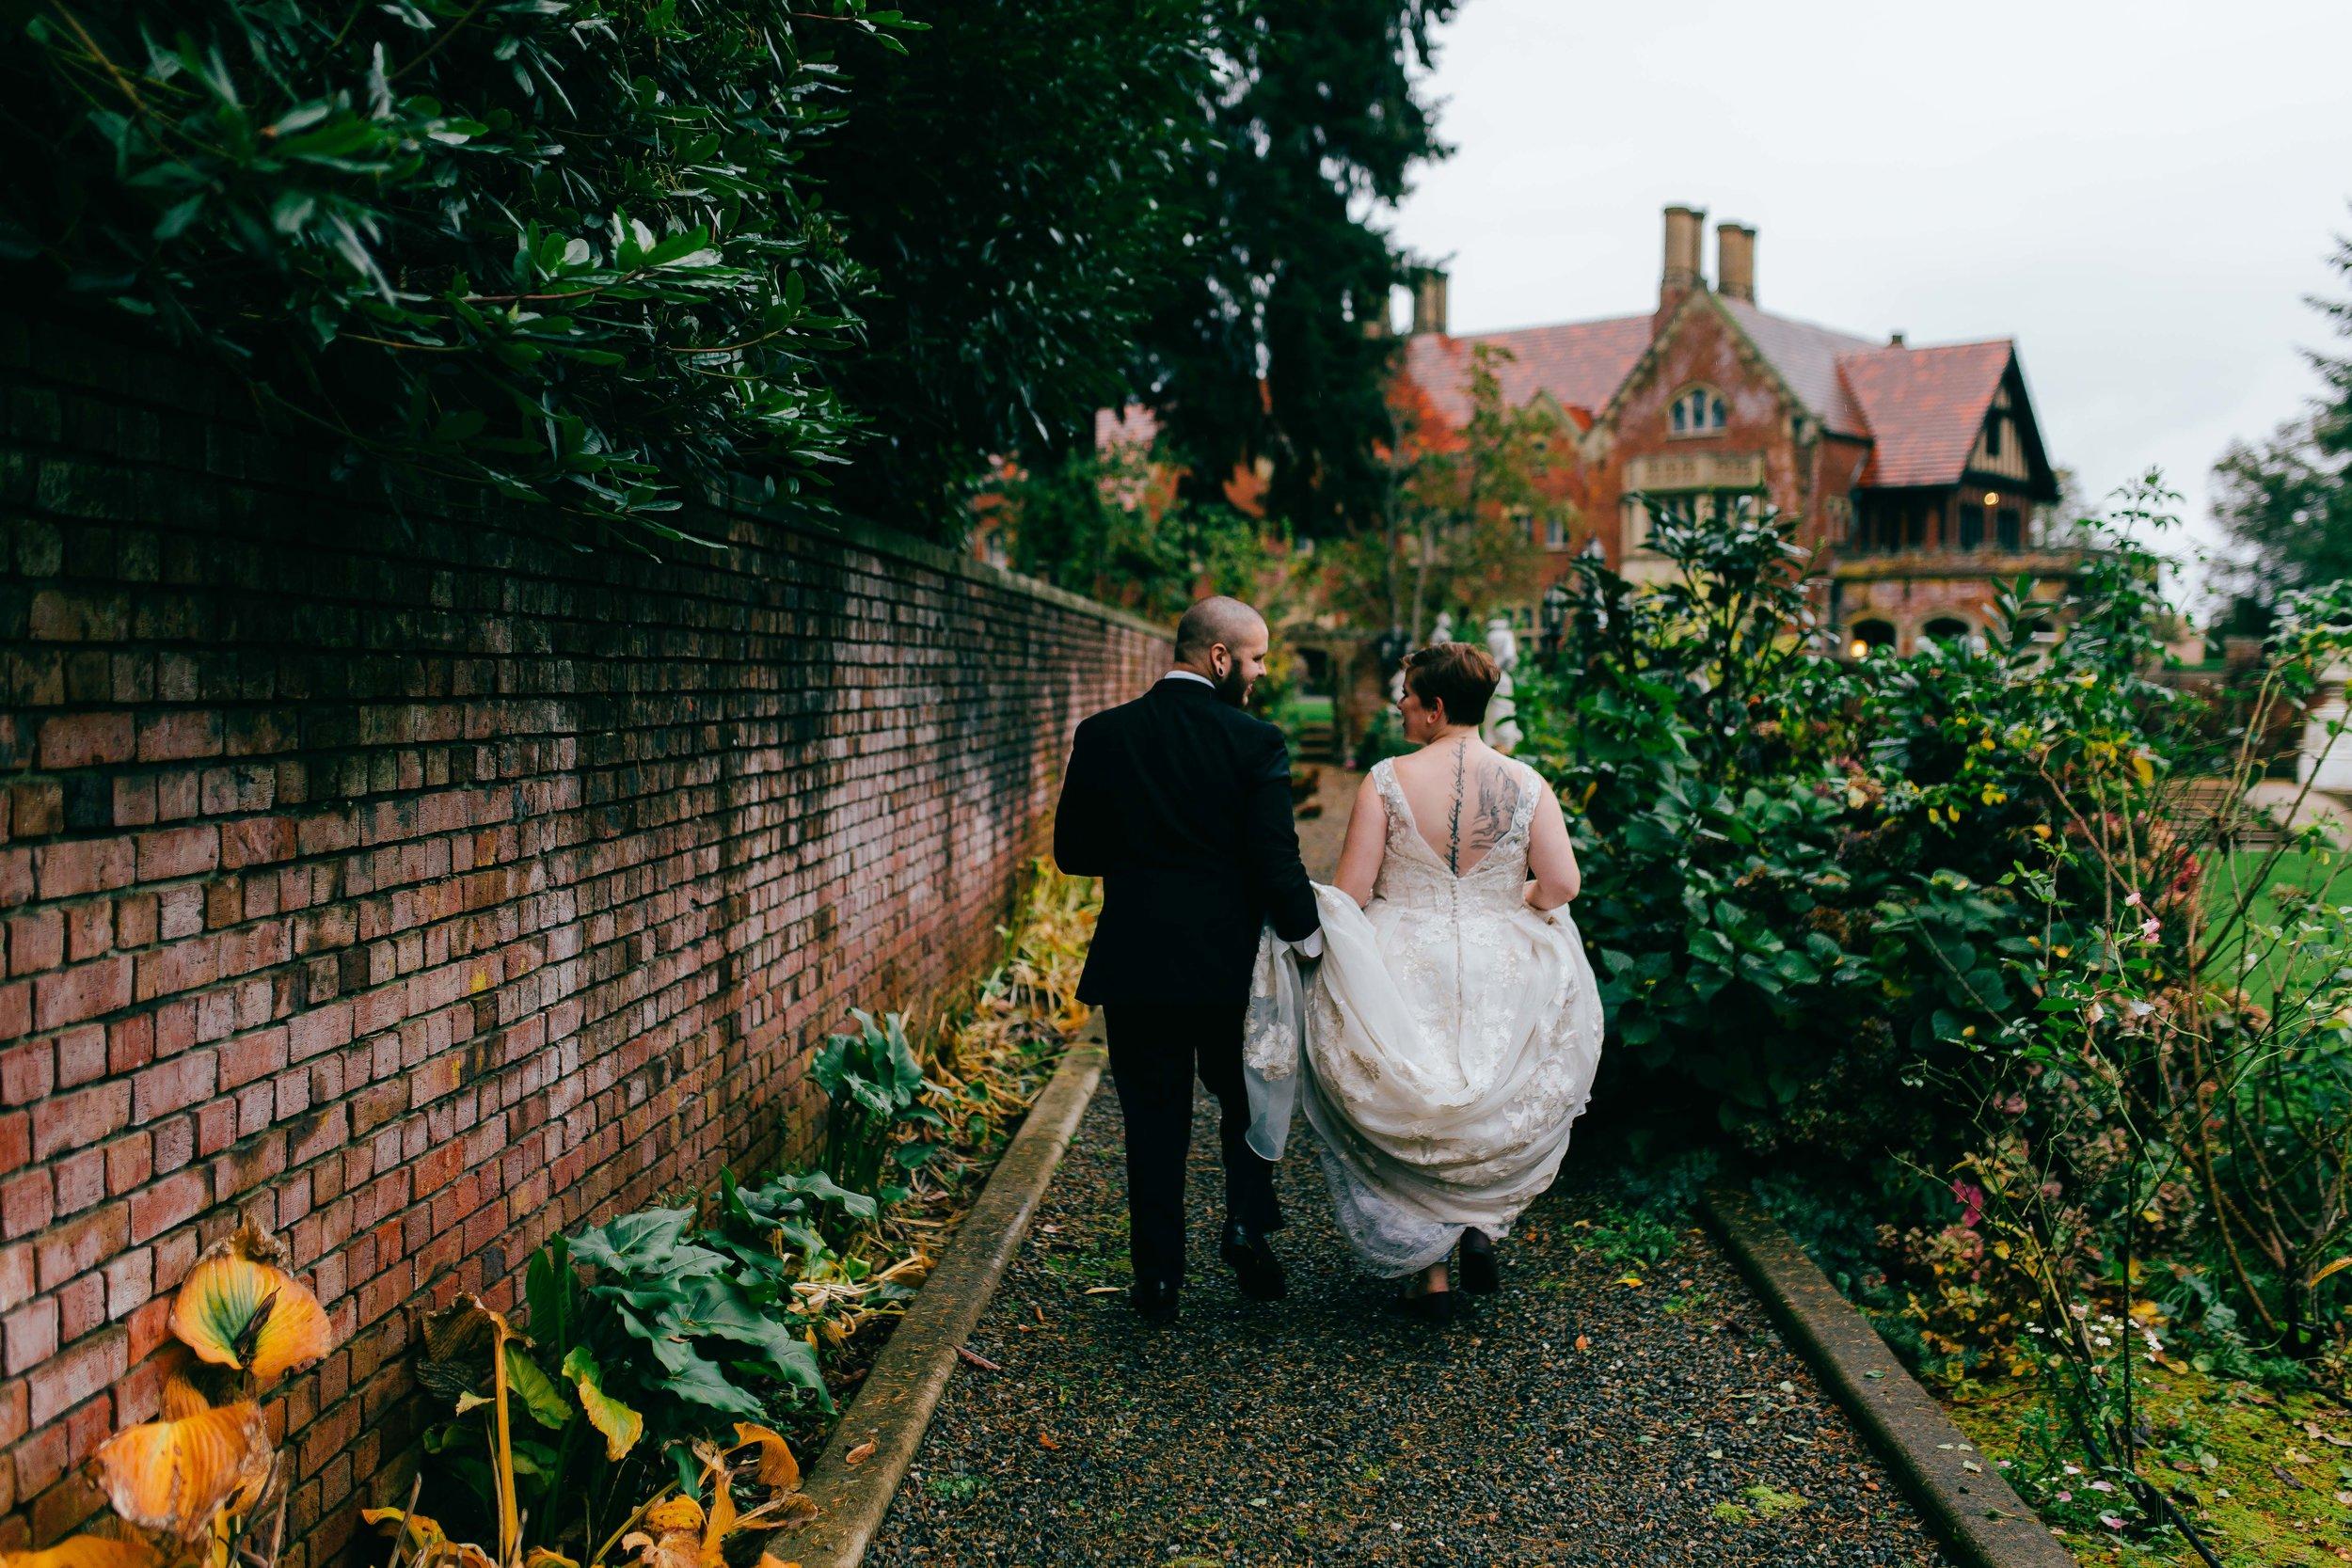 washington_wedding_Thornewood_Castle_photography-0558.jpg